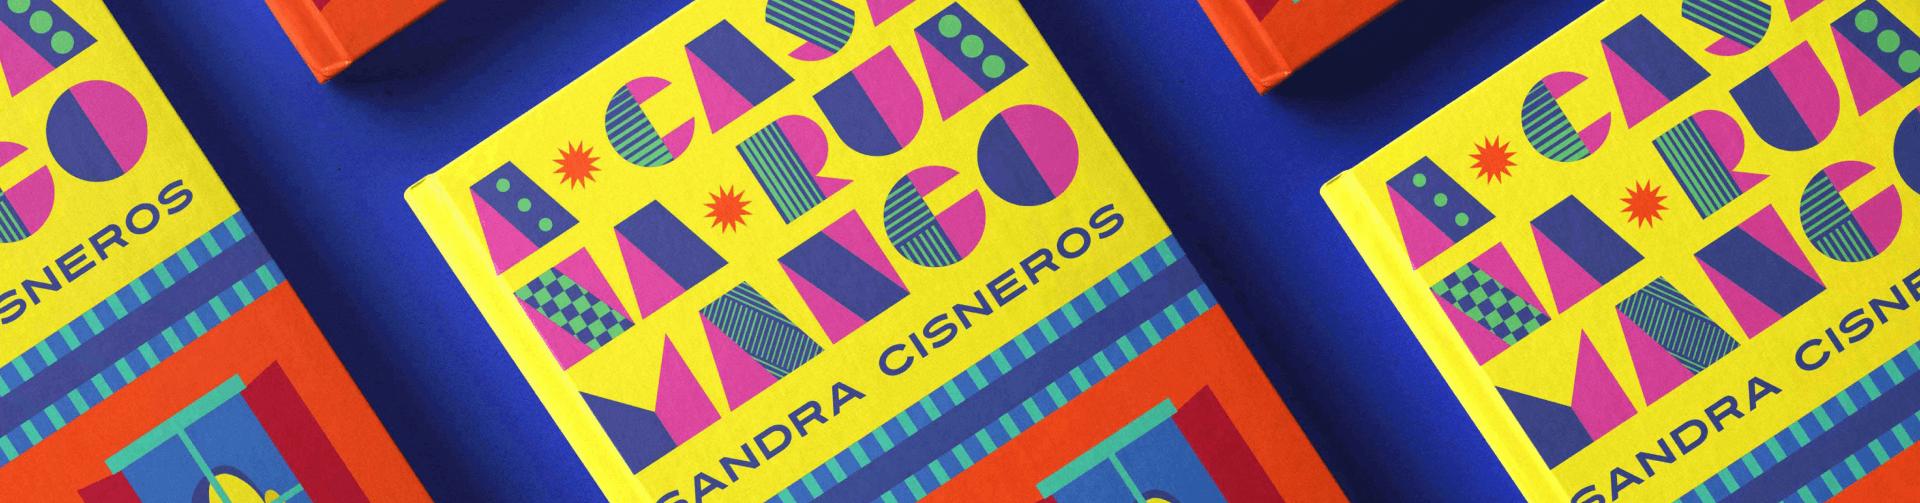 Capa do livro A casa na Rua Mango de Sandra Cisneros